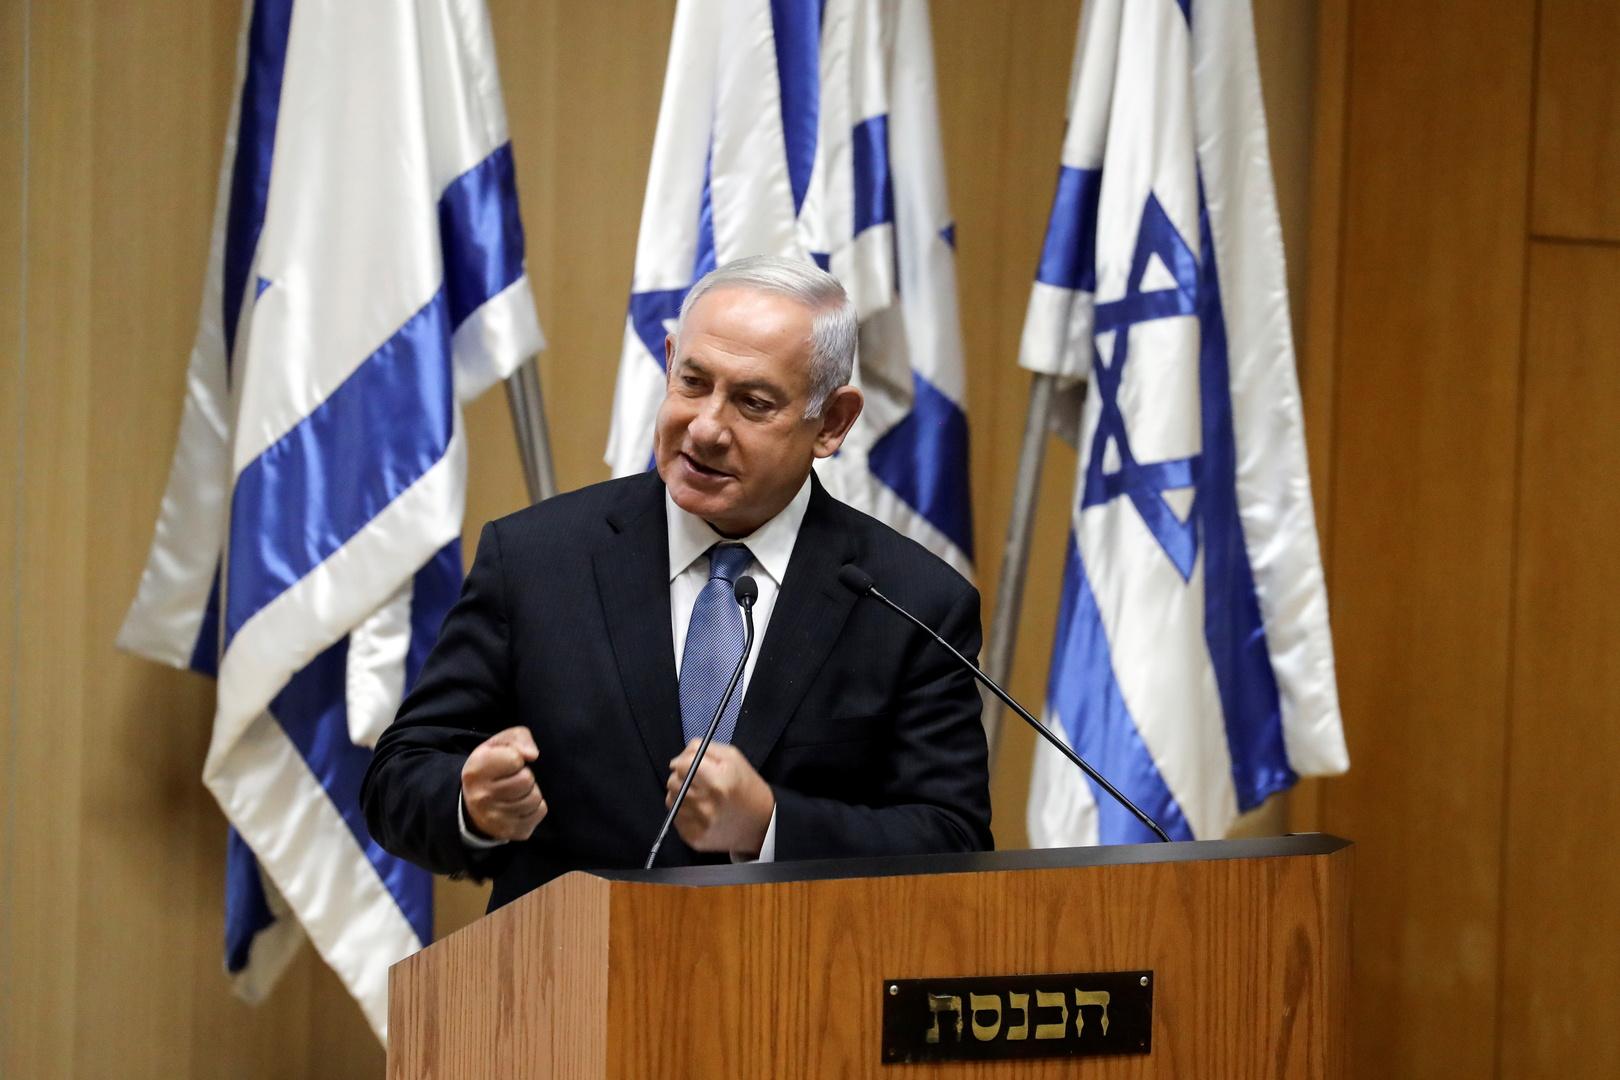 رئيس الوزراء الأسبق، بنيامين نتنياهو